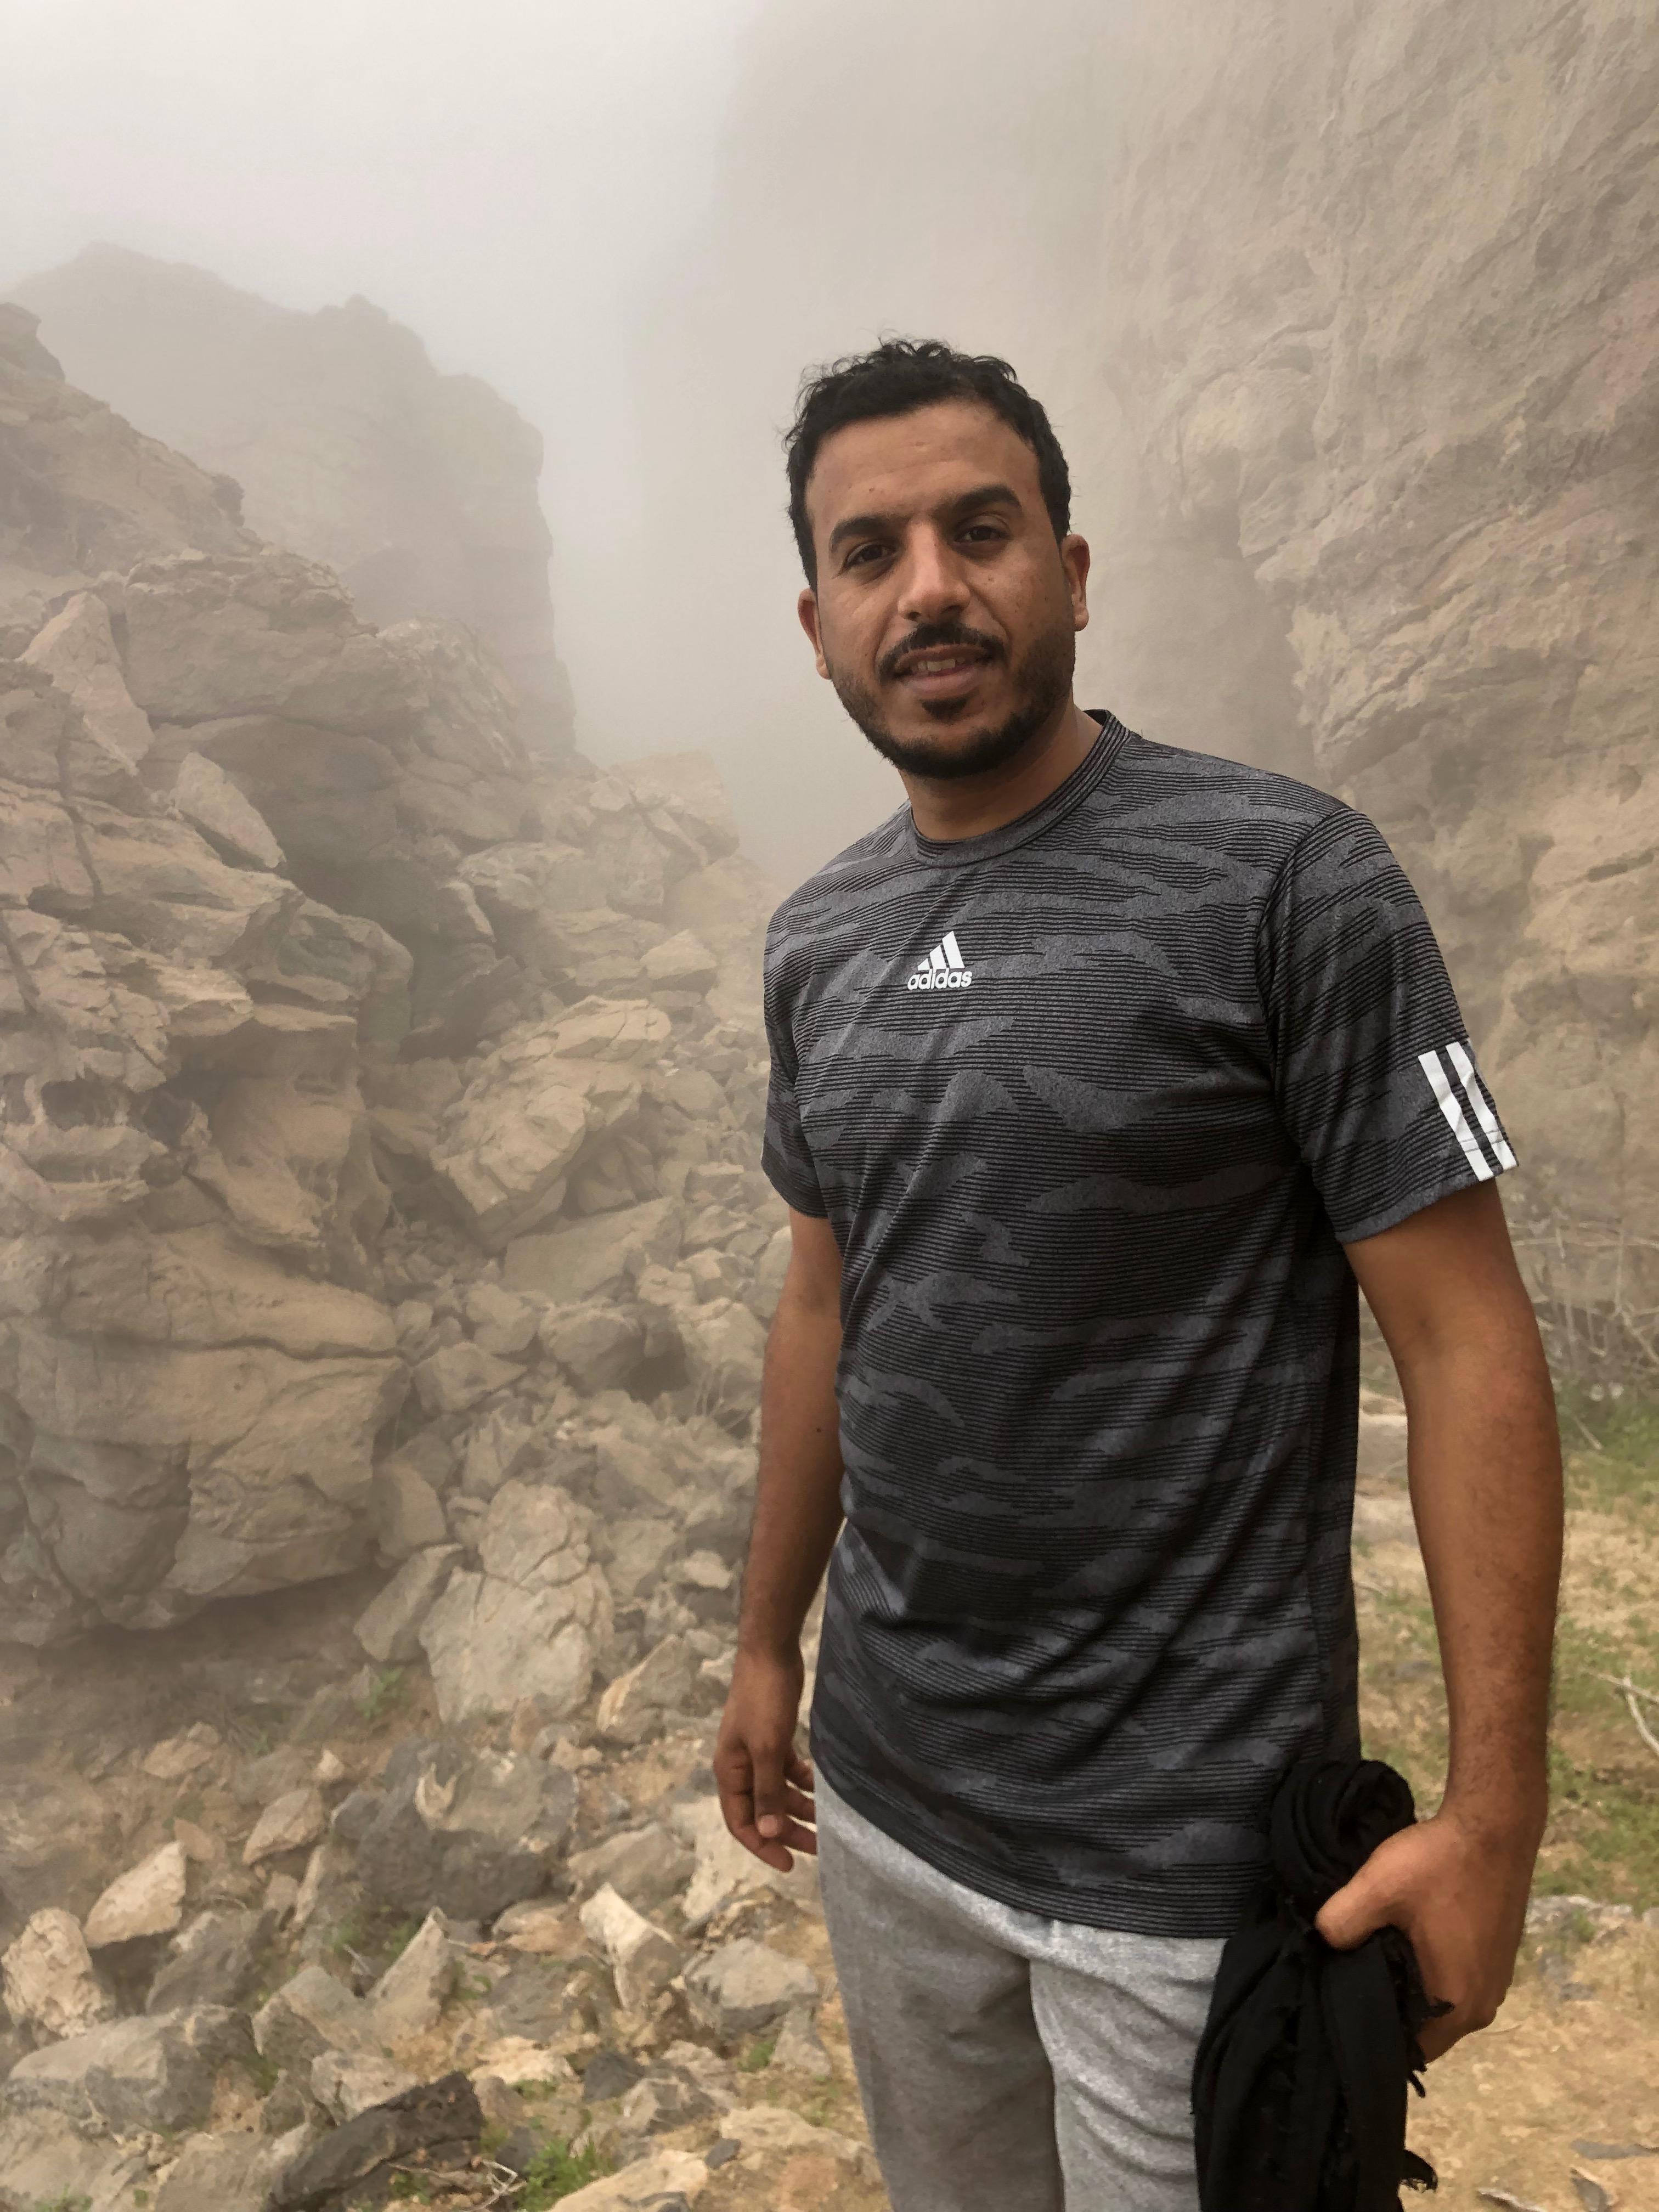 شاهد بالصور .. مسير إلى قمة جبل الزعتري